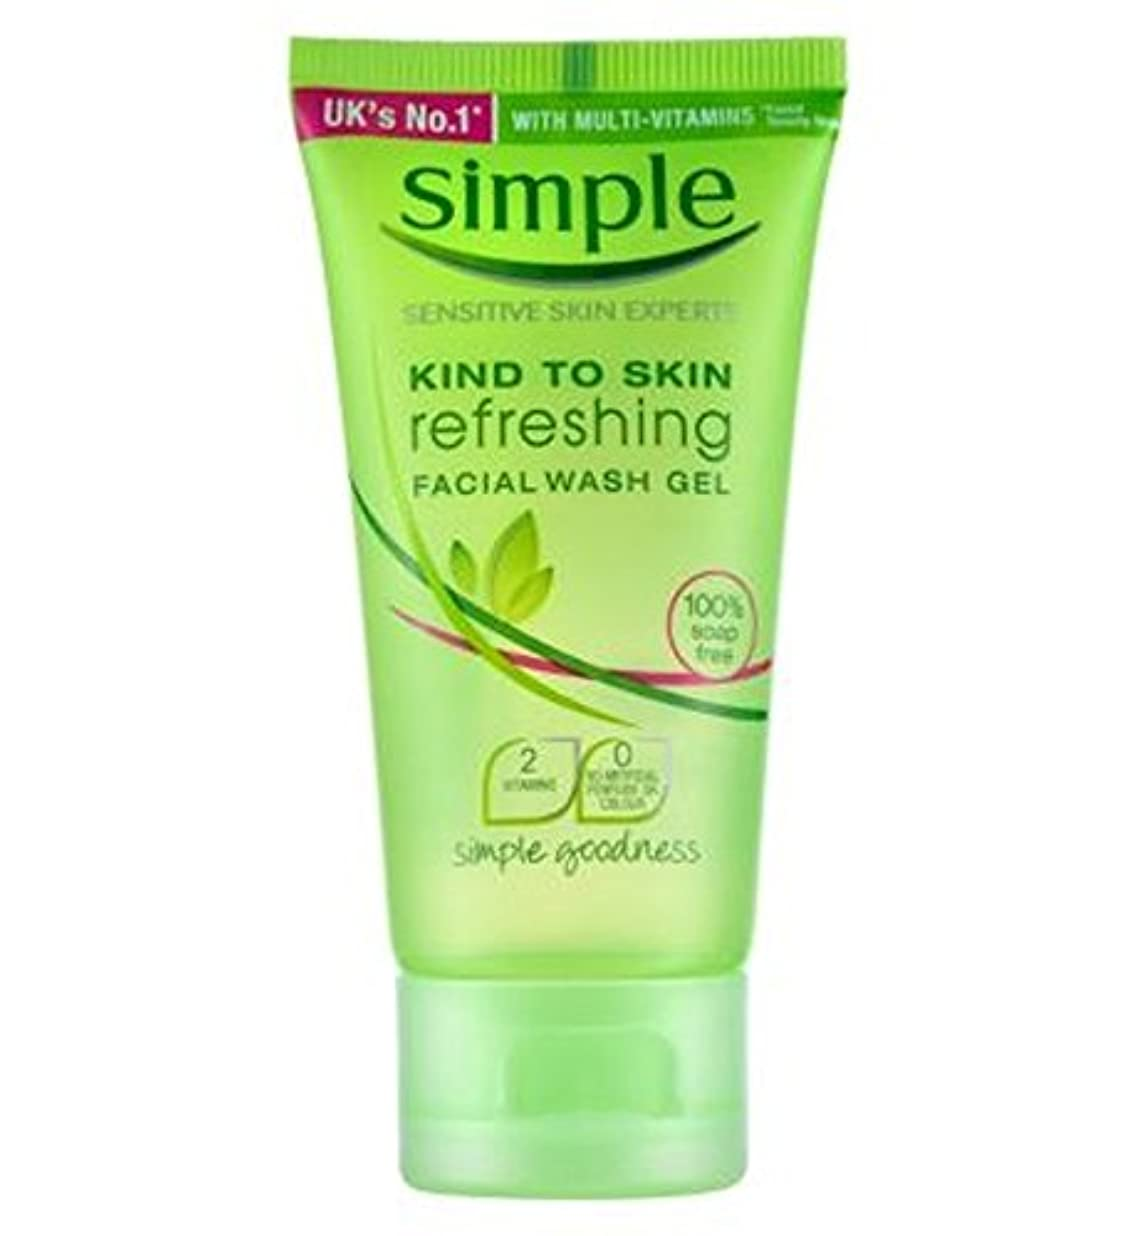 経験以内に絶壁Simple Refreshing Facial Wash 50ml - シンプルなさわやかな洗顔料の50ミリリットル (Simple) [並行輸入品]